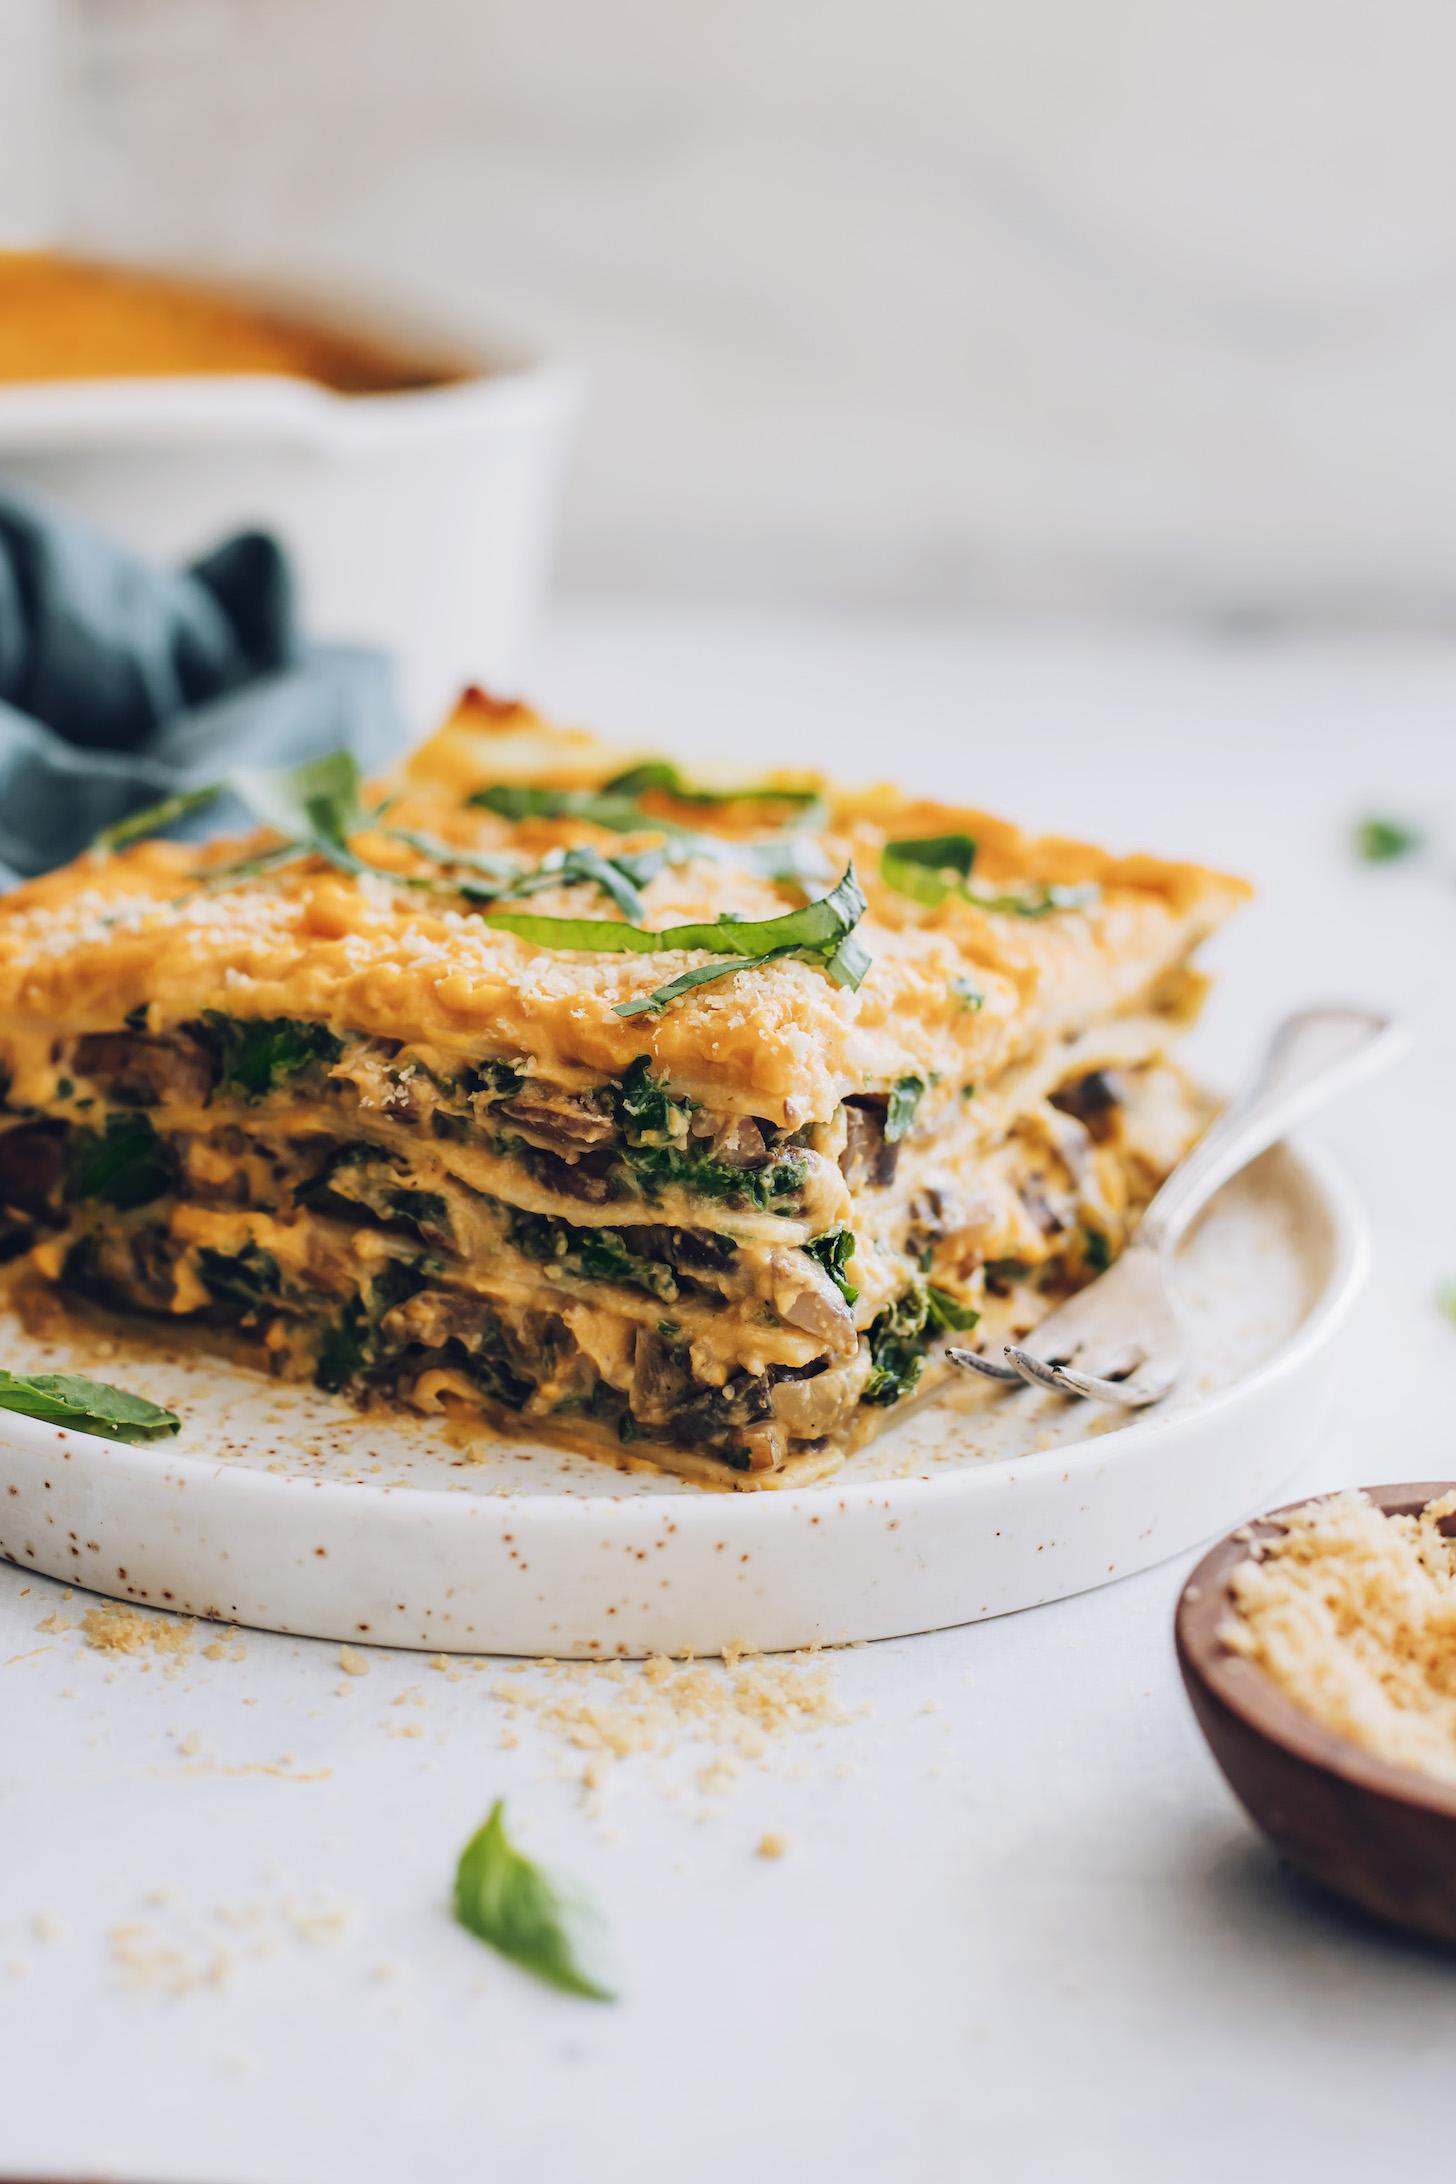 Villa és szelet vajas tök lasagne egy tányéron